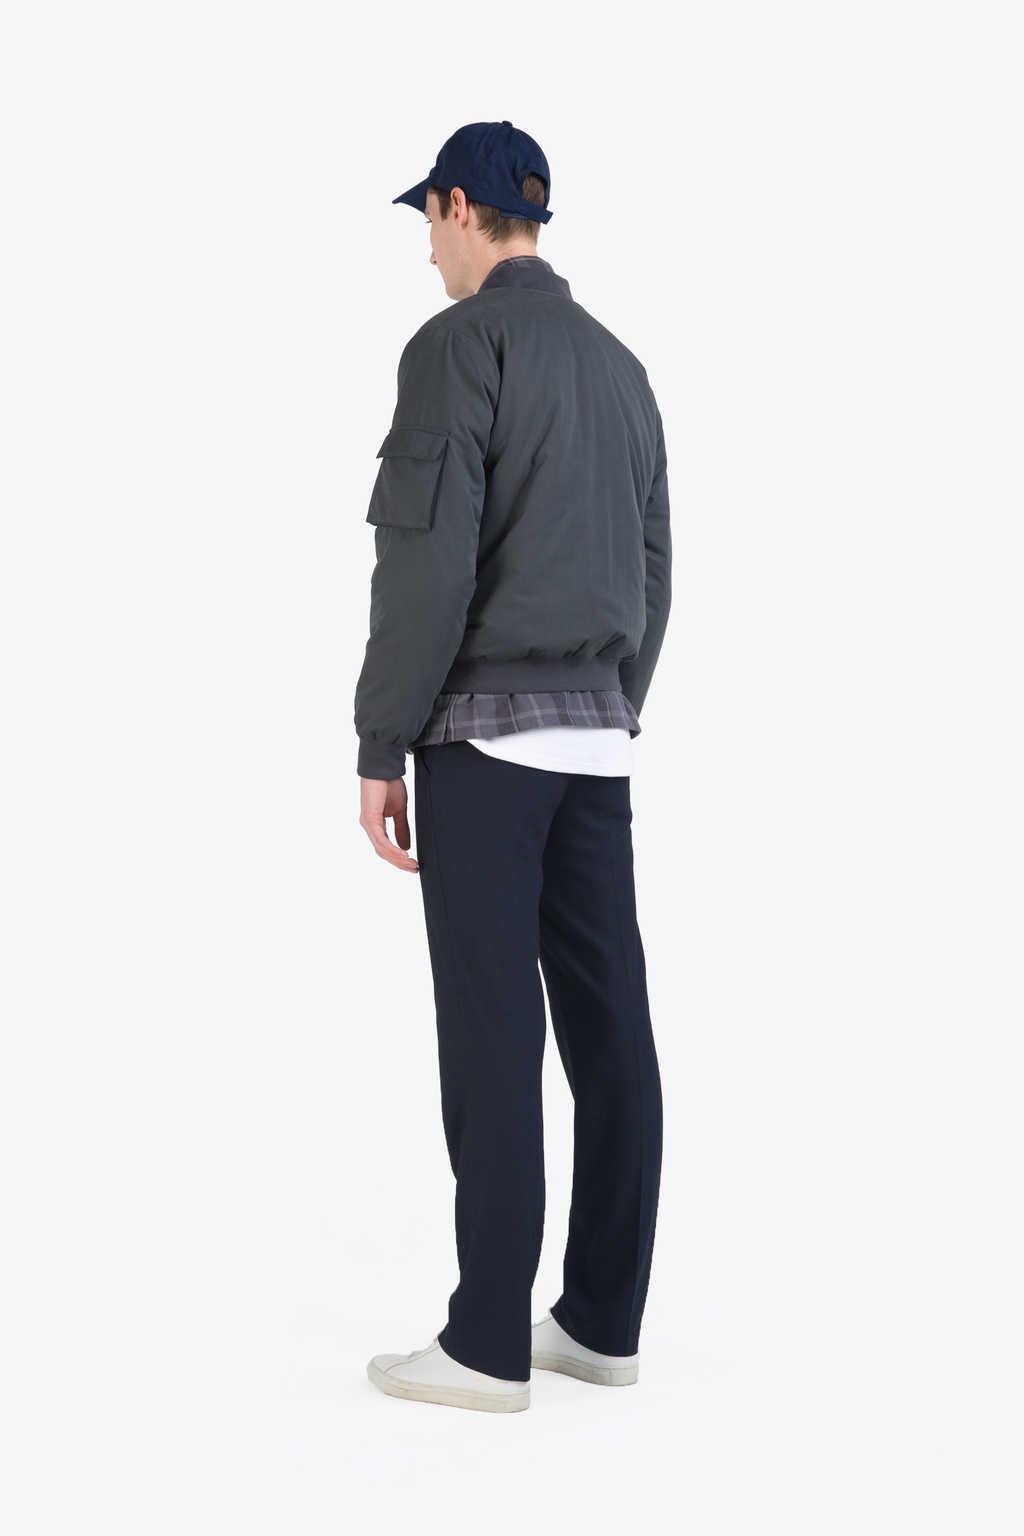 Jacket 4188 Gray 8